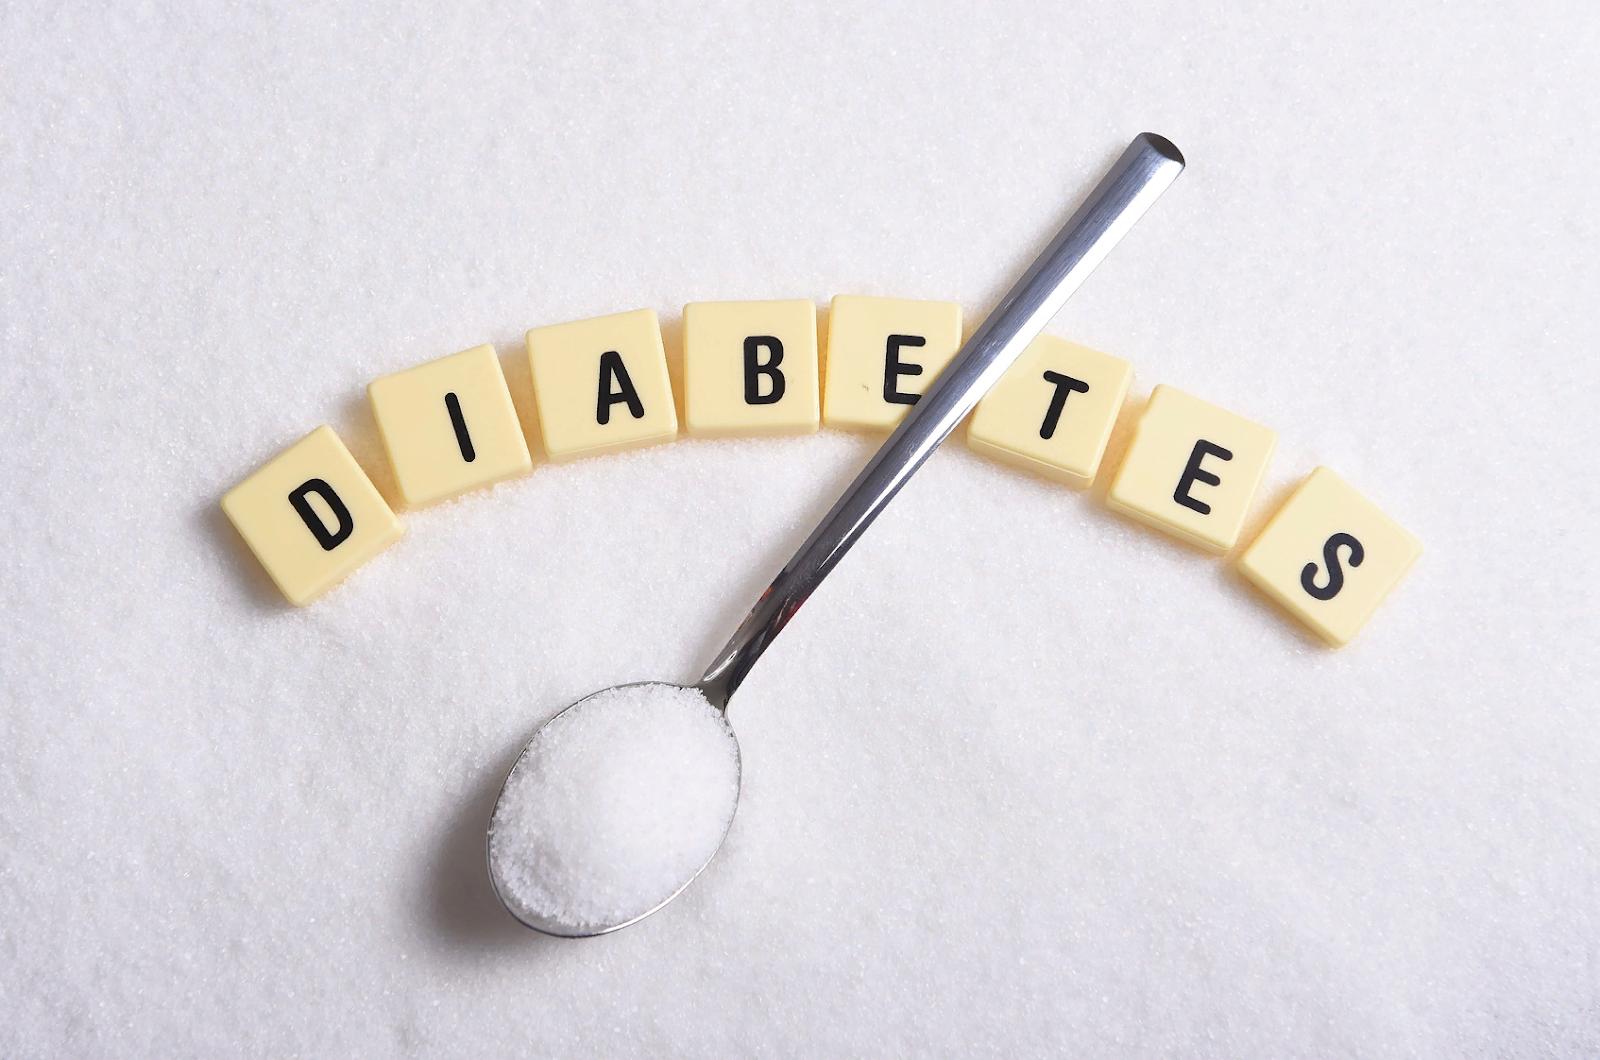 ВИЧ-инфекция и сахарный диабет 2 типа: симптомы и лечение